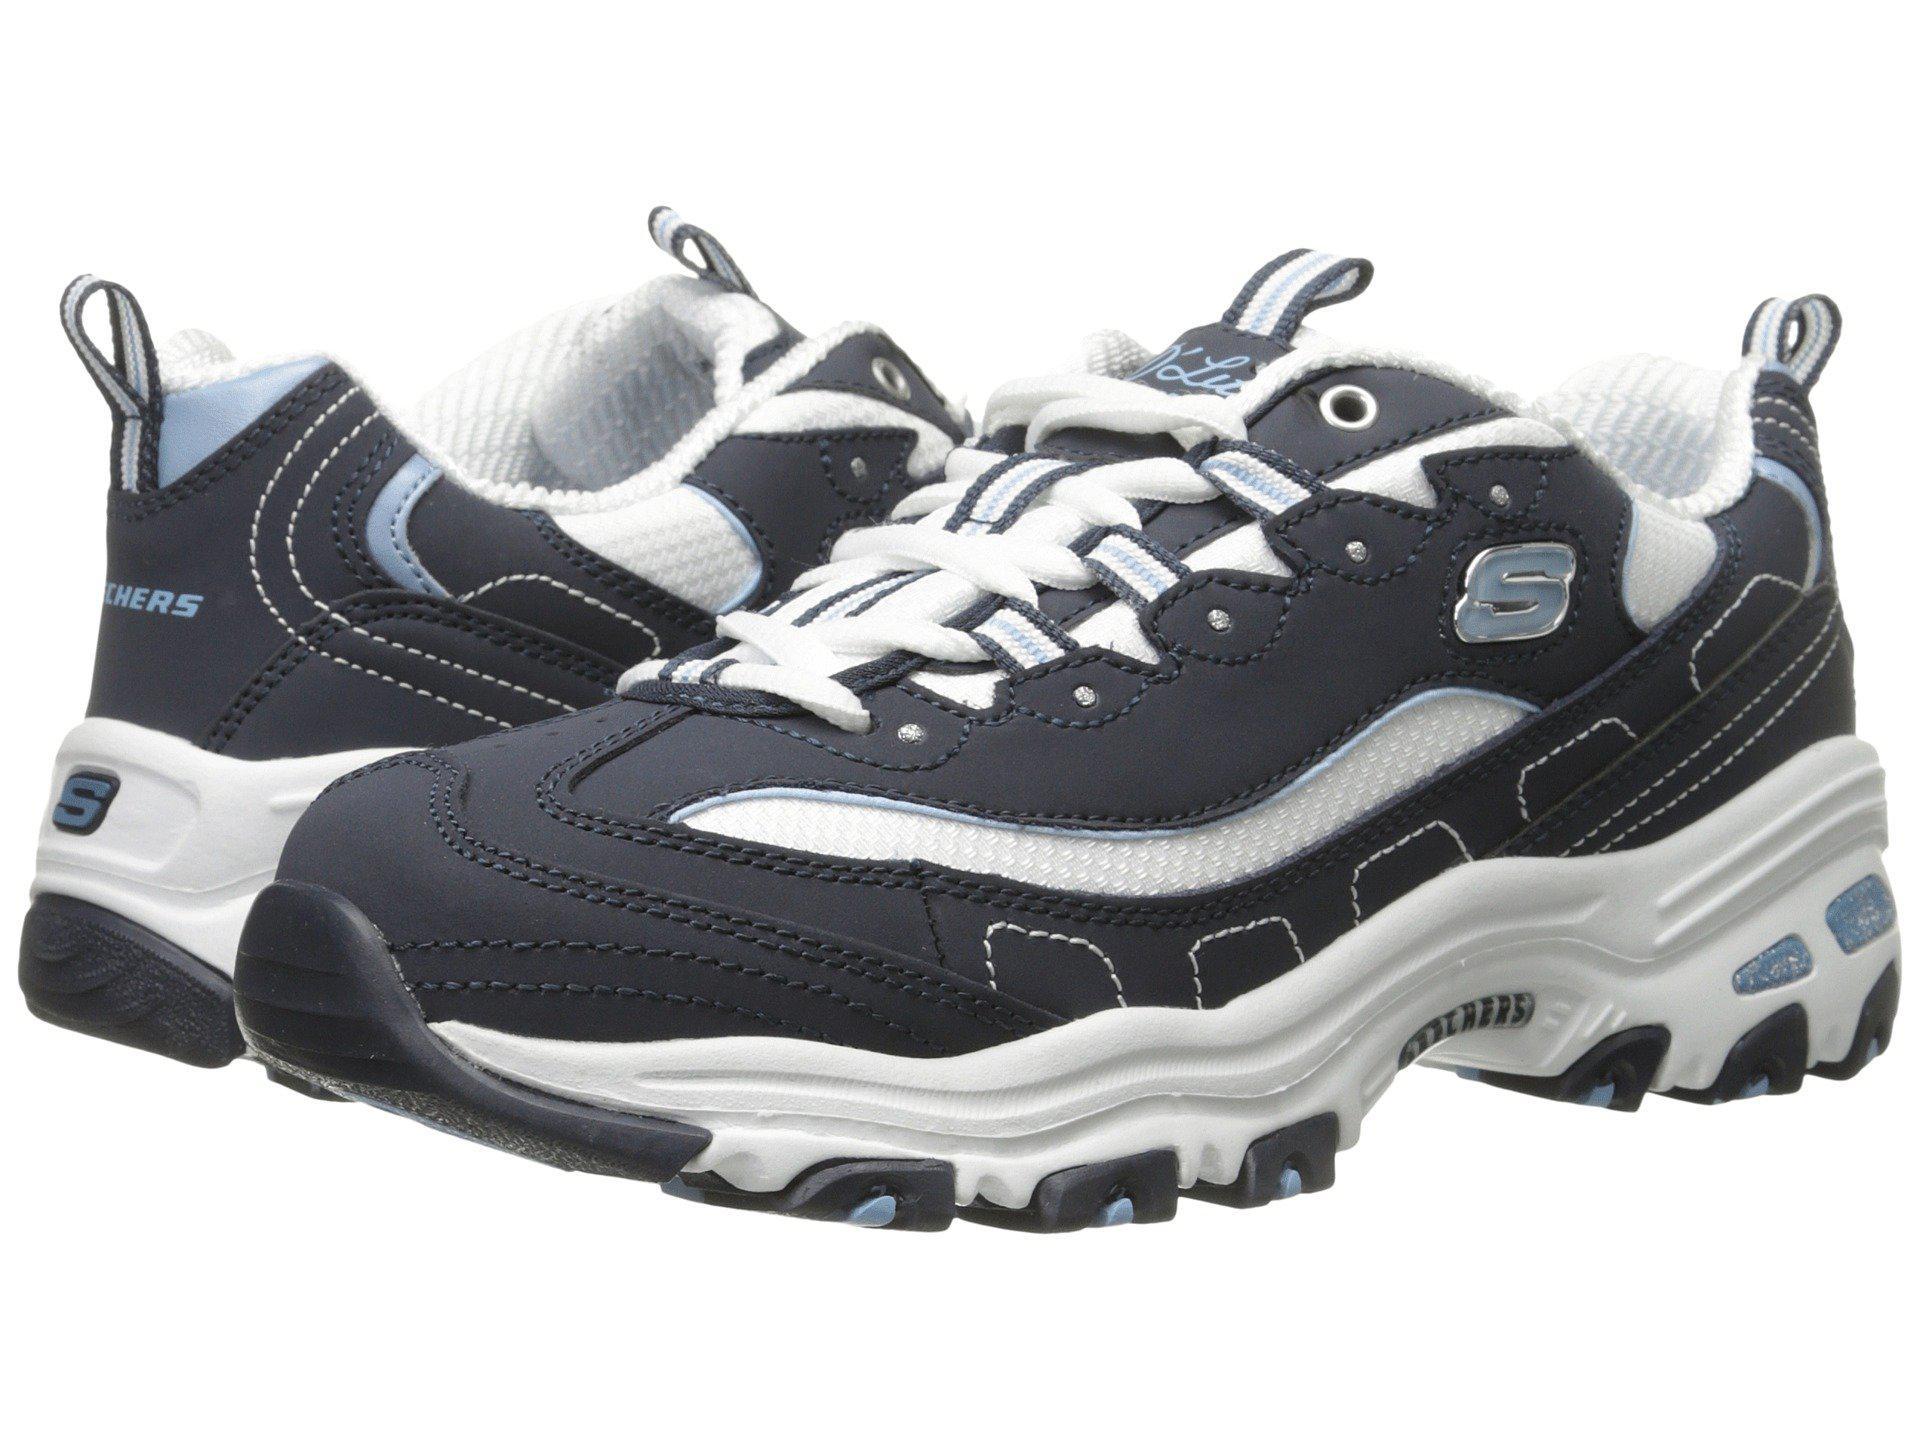 Lyst - Skechers D lites - Biggest Fan (navy) Women s Shoes in Blue ce8638f9d1